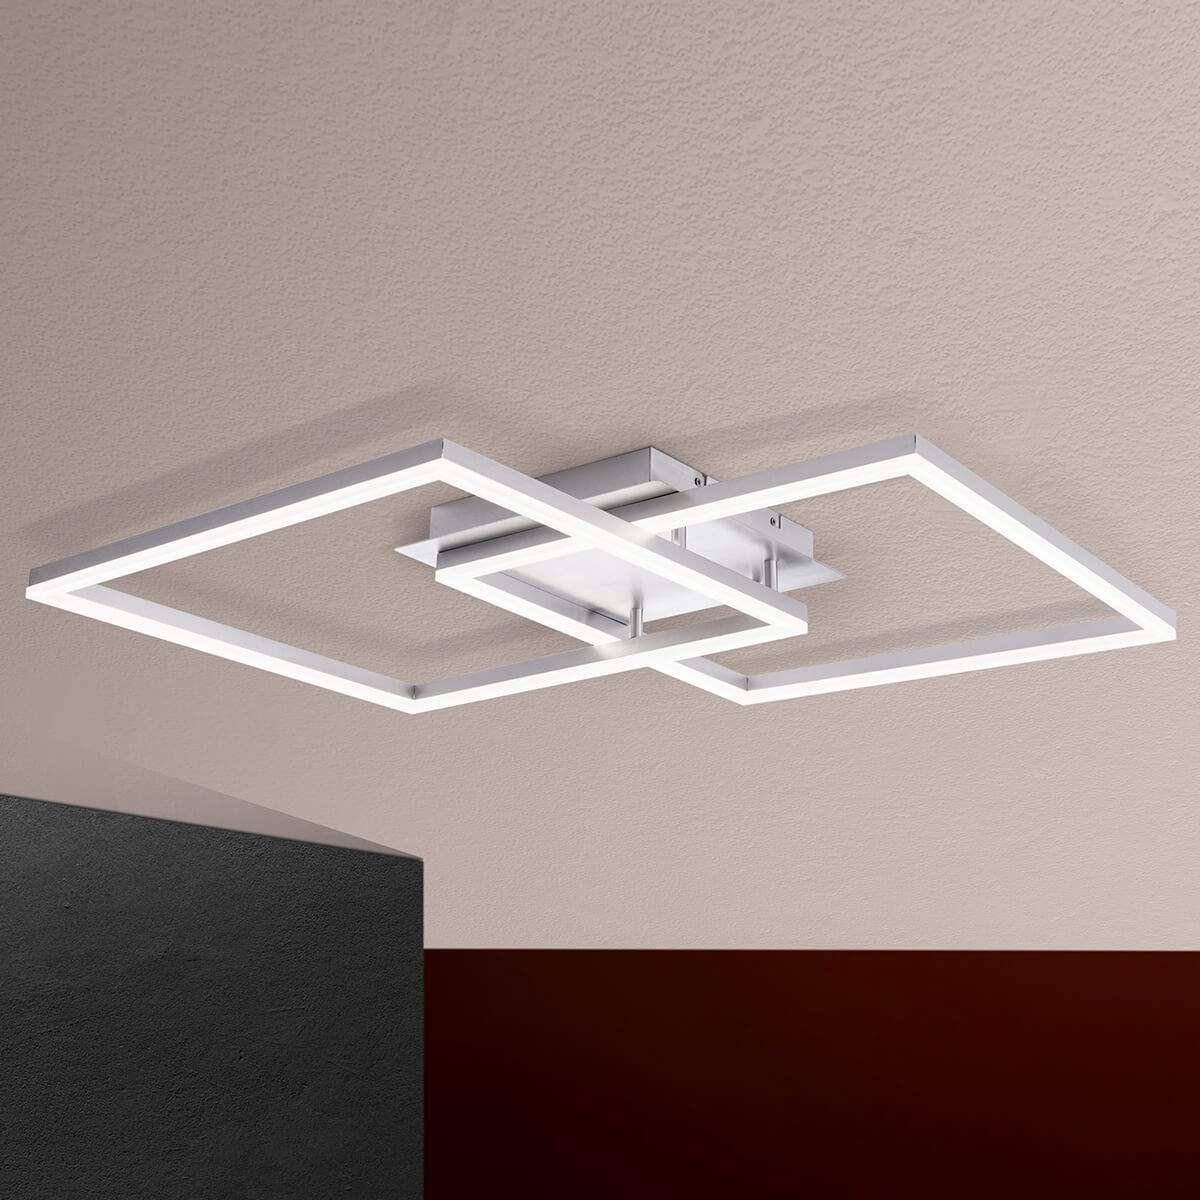 küchen deckenlampe  deckenleuchten wohnzimmer led  led